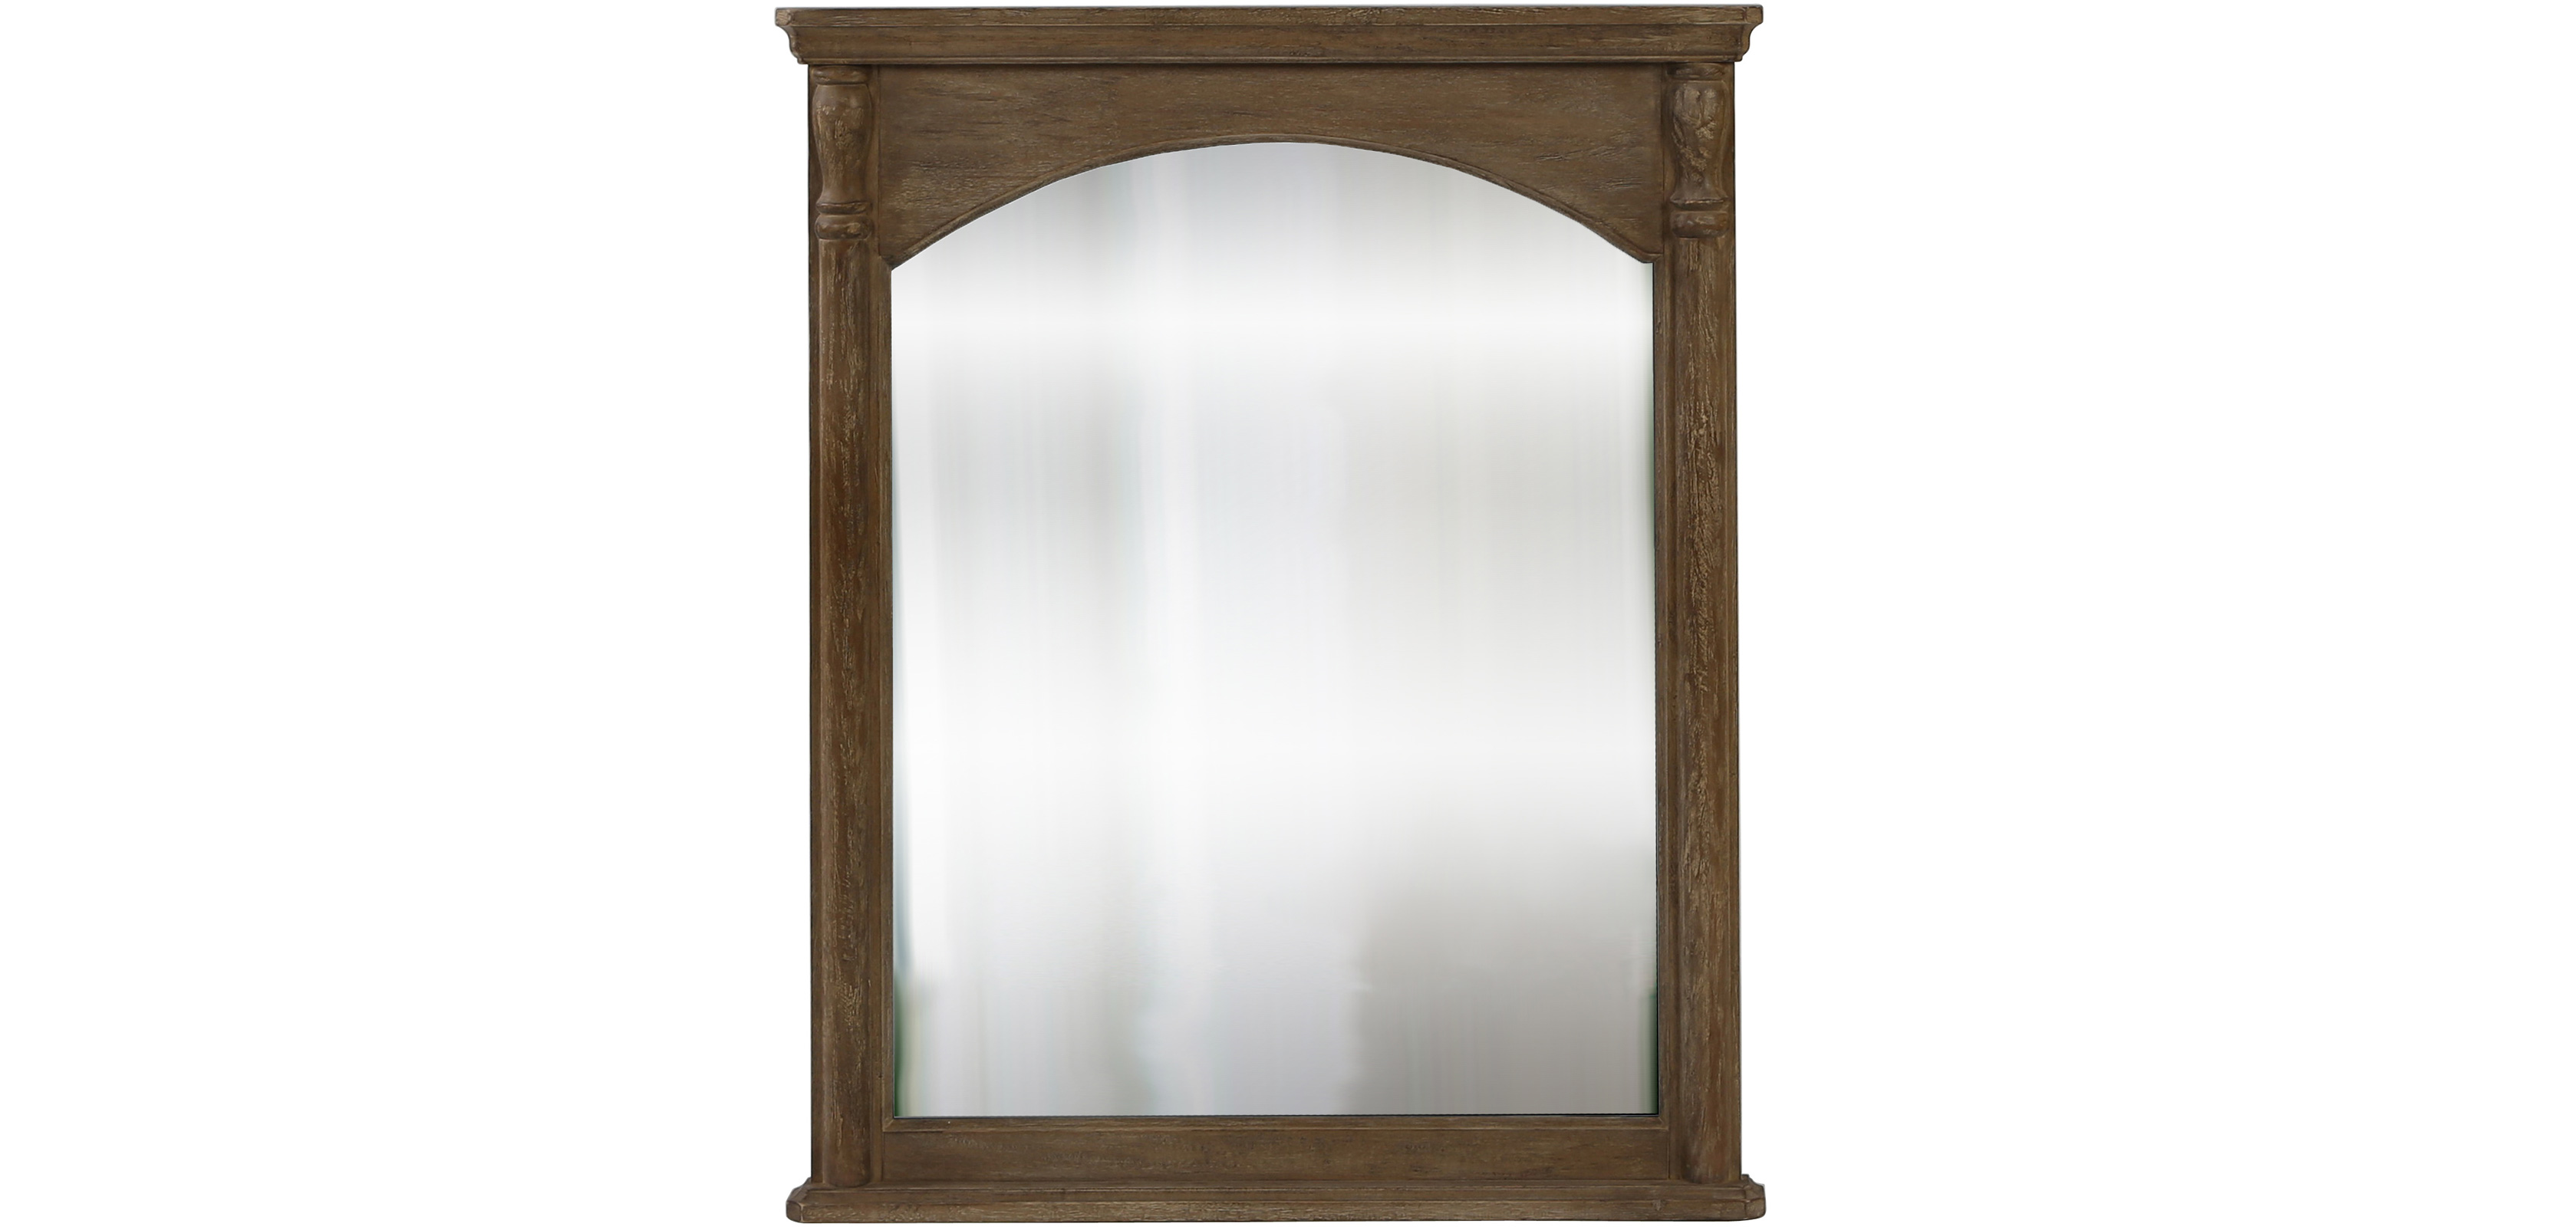 Rechteckiger Wandspiegel 100 x 80 - Holz